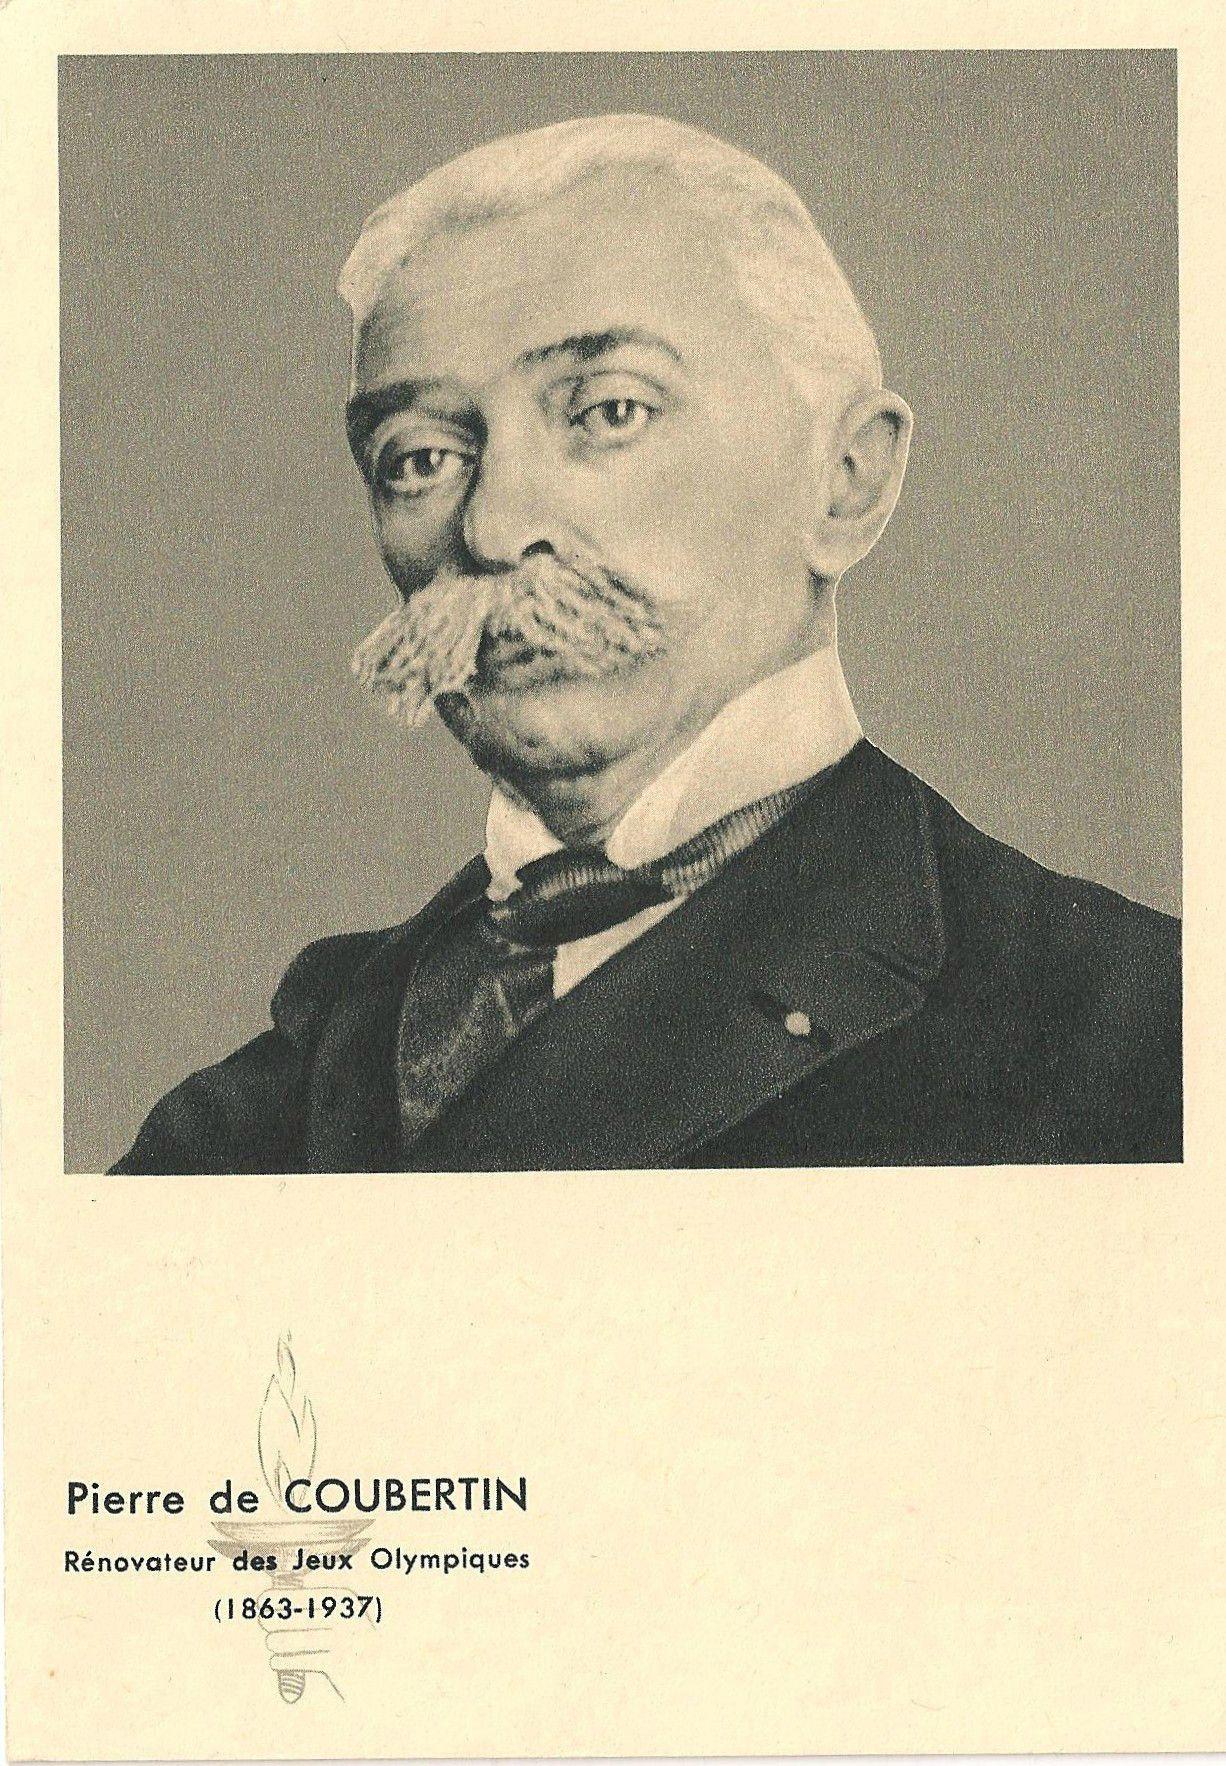 Jeux Olympiques (1er épisode) : De Pierre de Courbertin à Georges Thurnherr